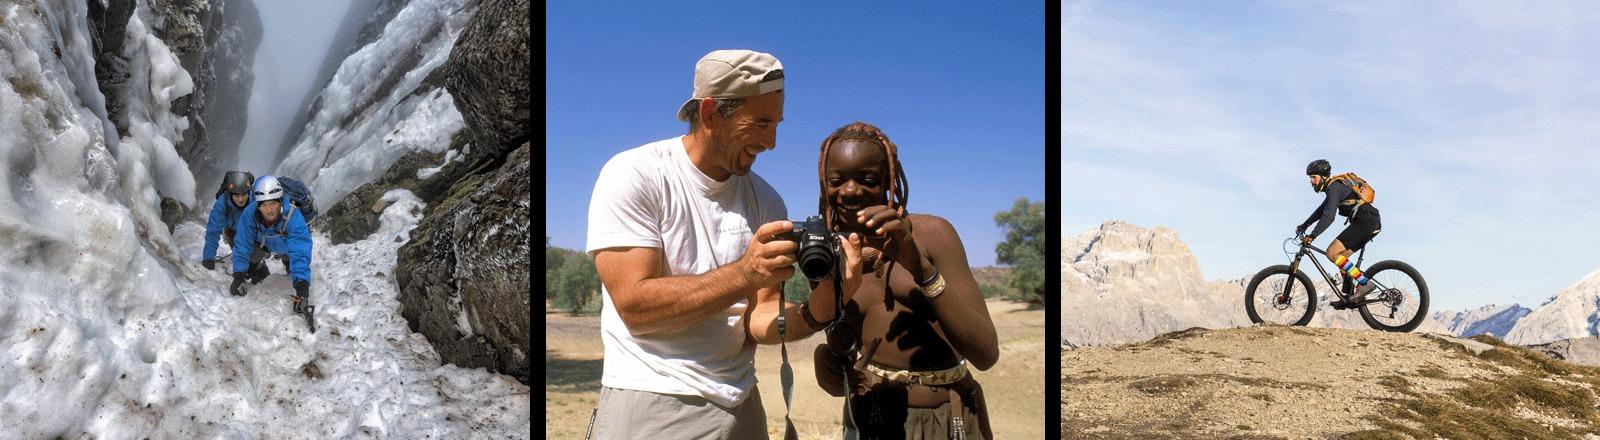 Zwei Männer steigen eine eisige Felswand rauf und ein Mann steht neben einer Frau aus Afrika und zeigt ihr seinen Fotoapparat und ein Mann fährt durch die Berge mit dem Mountainbike.